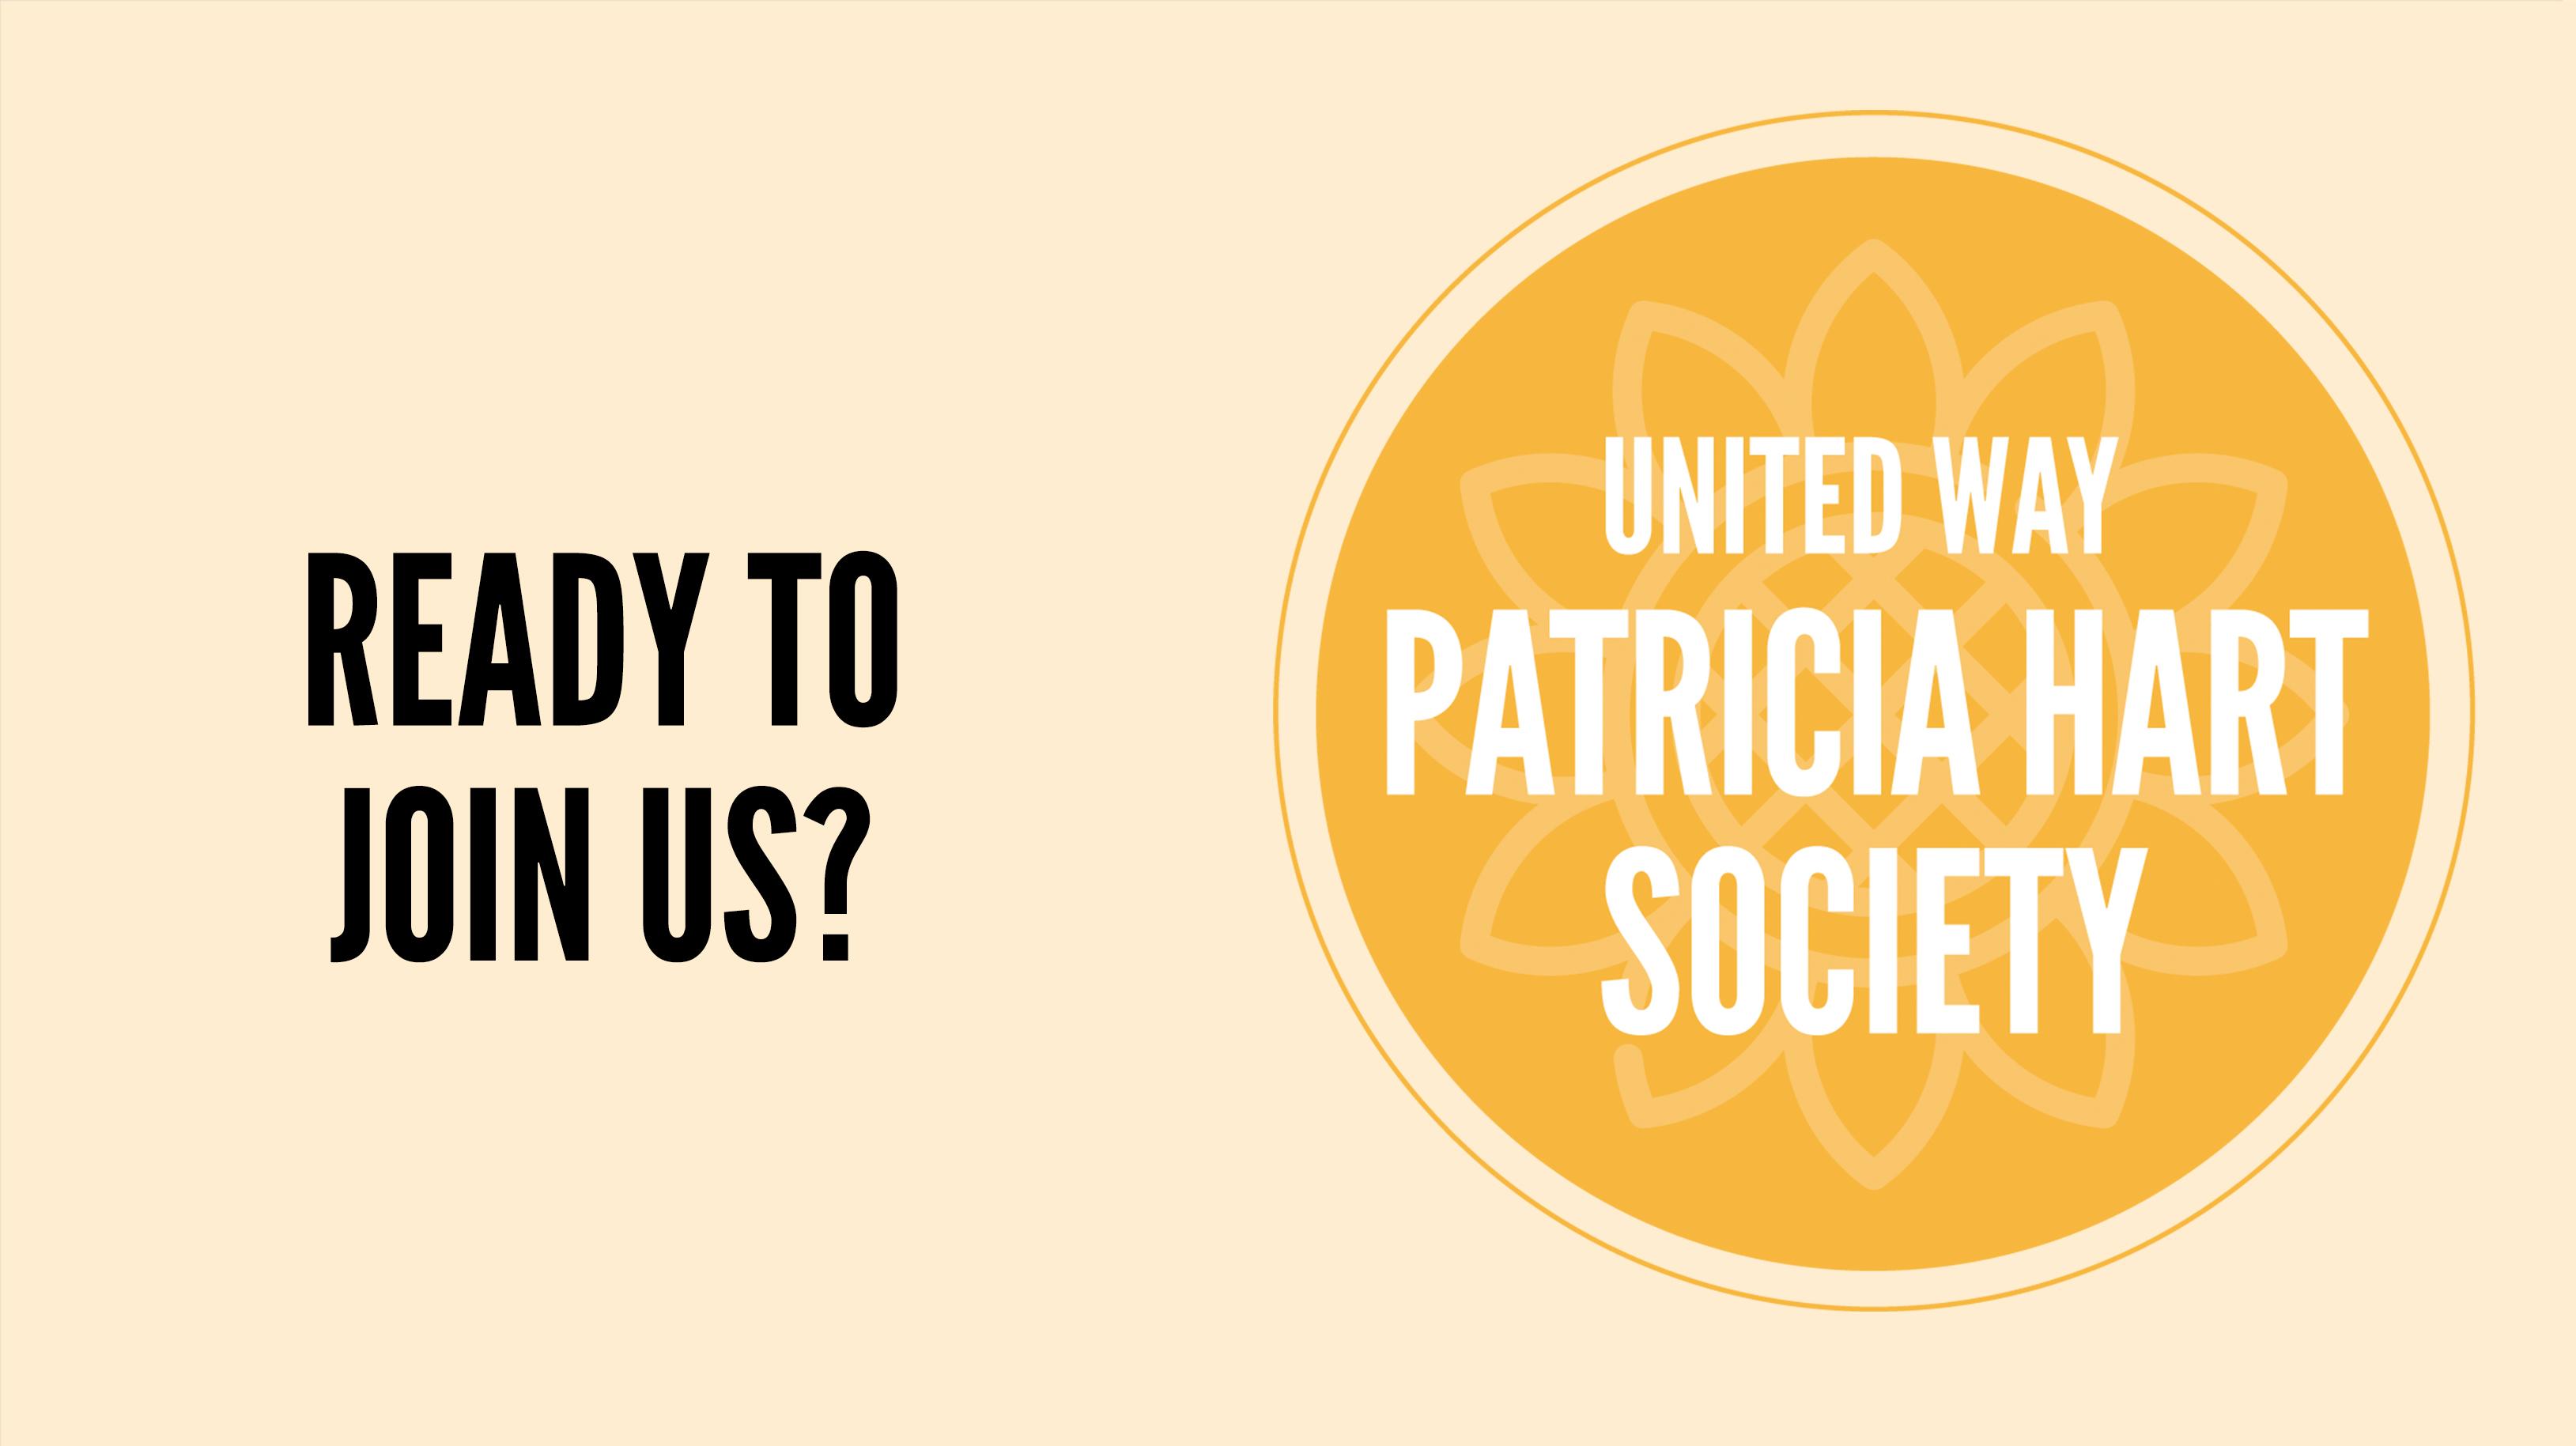 Patricia Hart Society